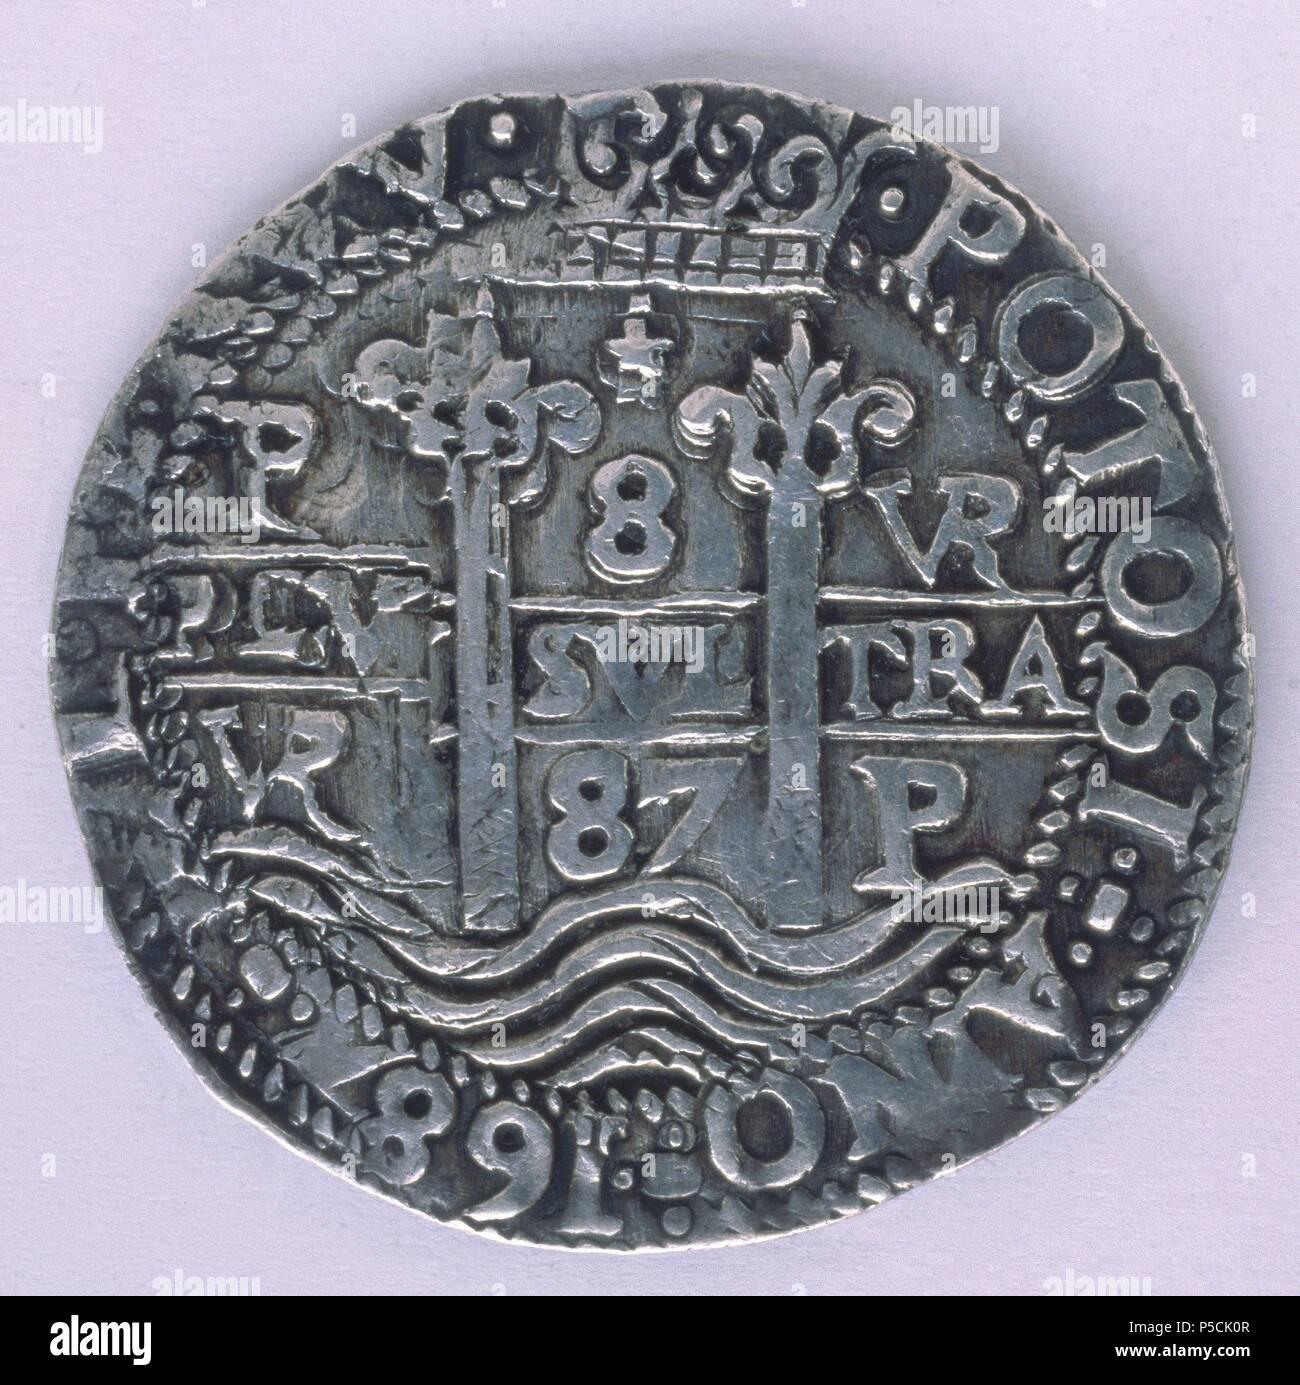 MONEDA DE CARLOS II DE PLATA - REVERSO - REAL DE A OCHO - POTOSI - 1687. Location: FABRICA NACIONAL DE MONEDA Y TIMBRE-COLECCION, MADRID, SPAIN. - Stock Image